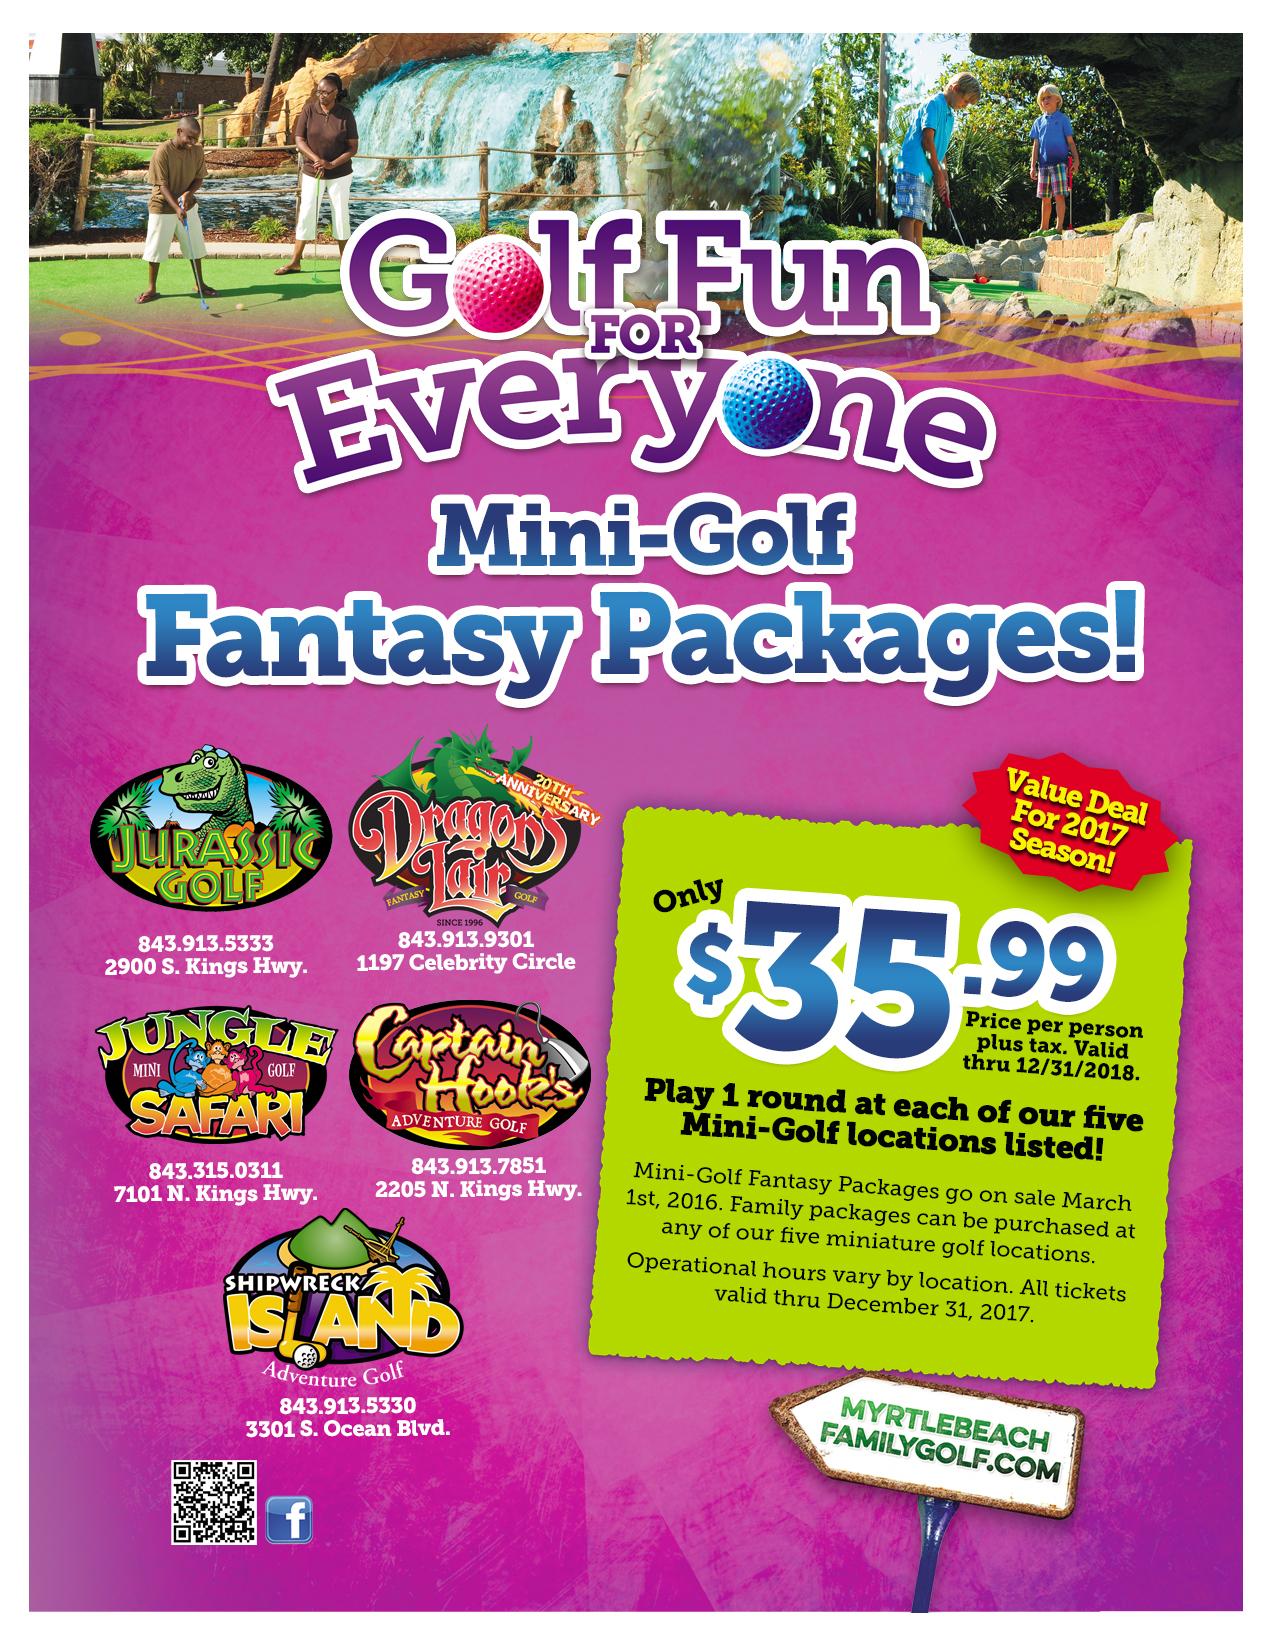 FantasyPackages